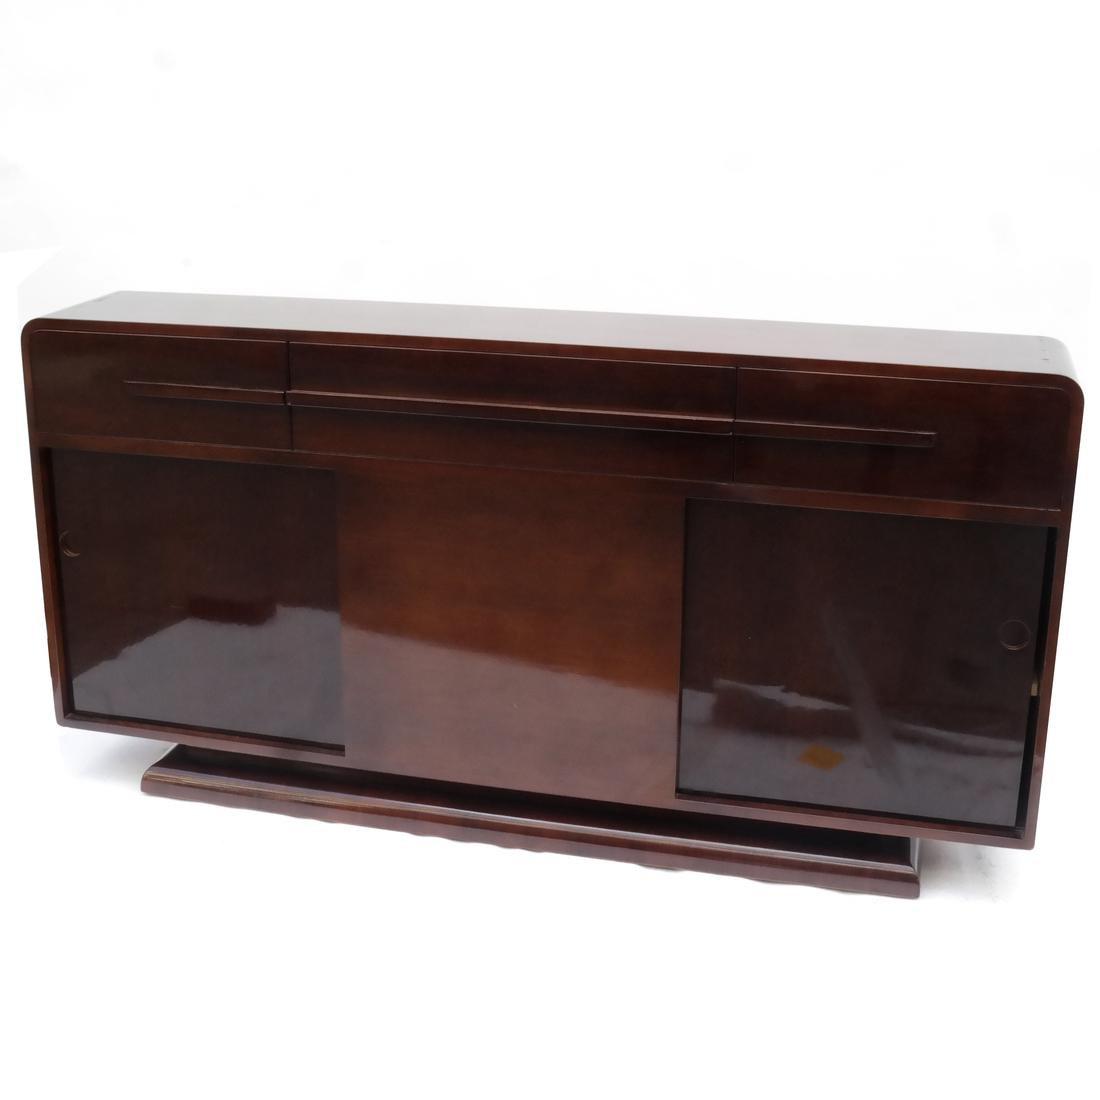 Modernage 1930s Streamline Sideboard